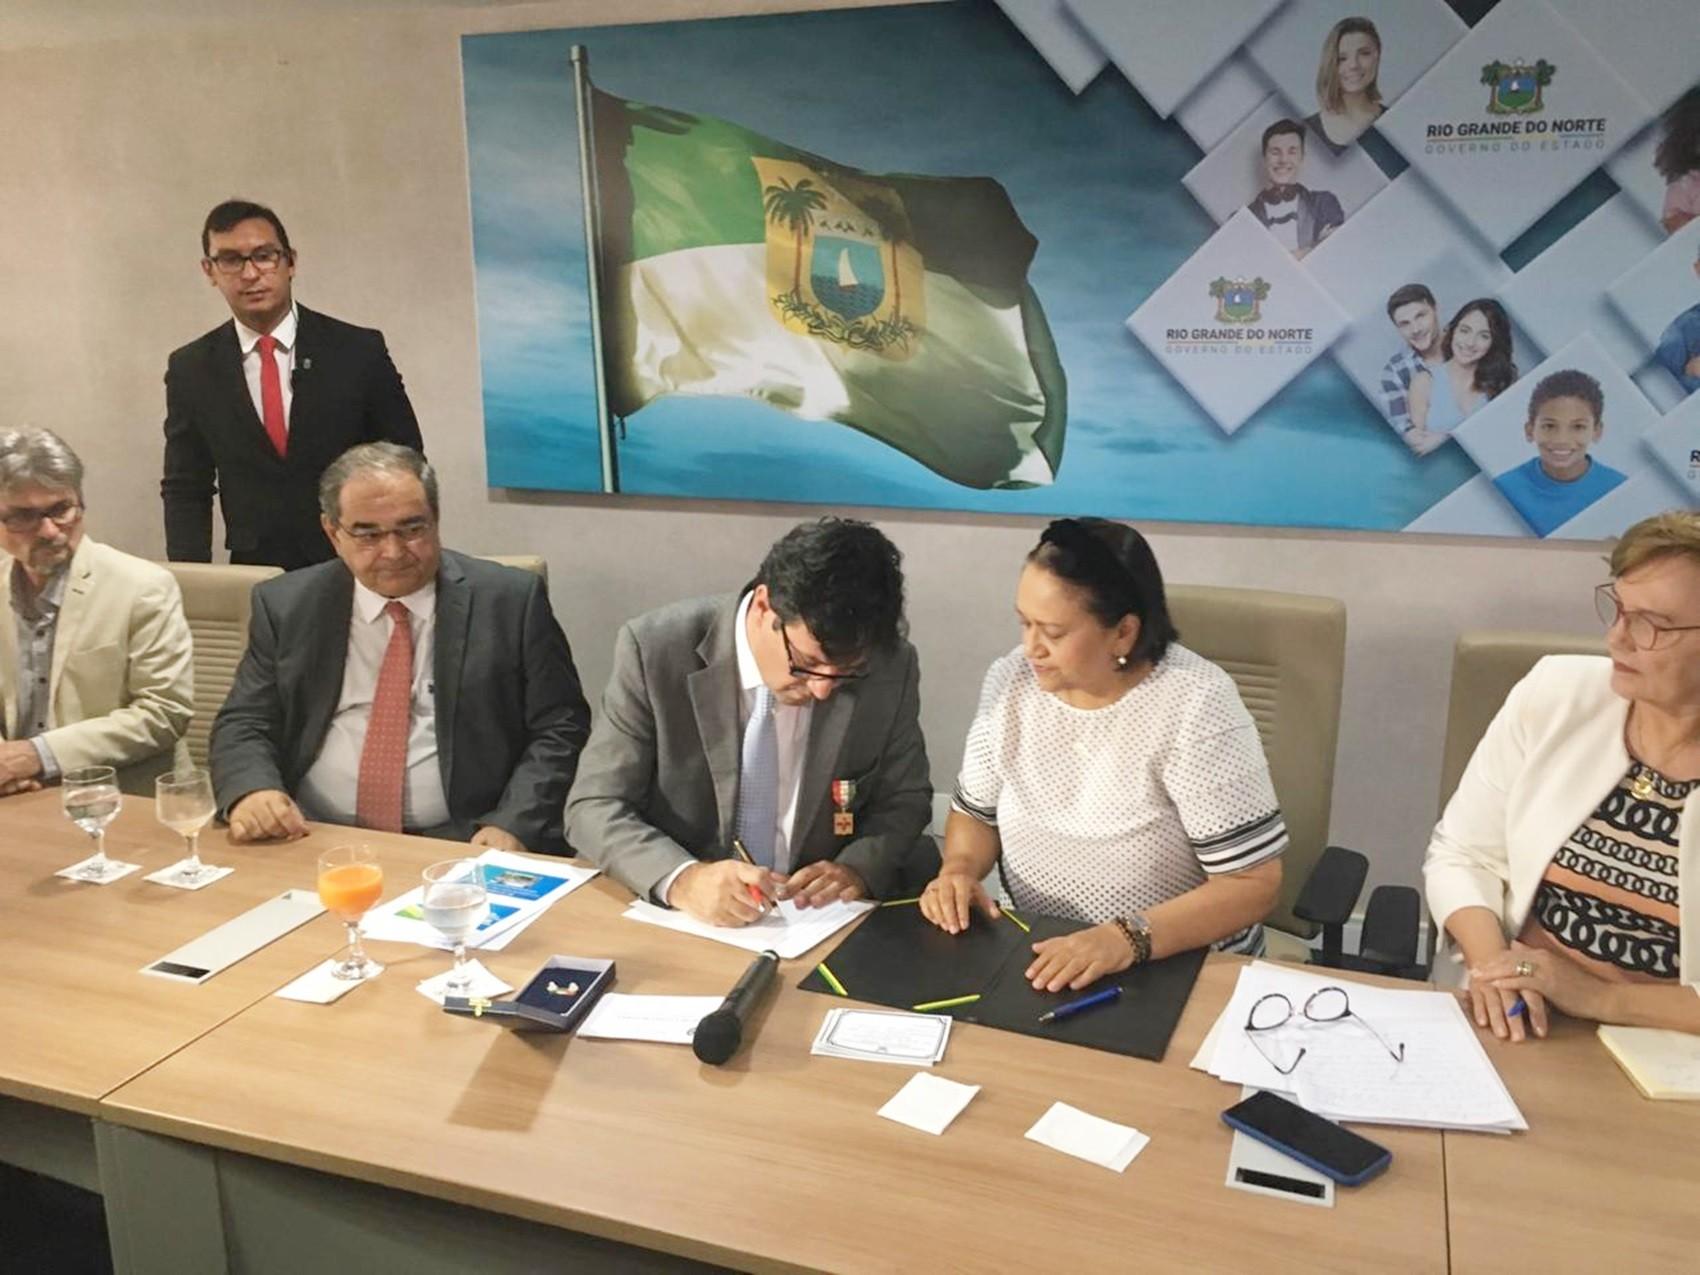 Em Natal, ministro da Saúde assina liberação de R$ 84,5 milhões para assistência hospitalar em 51 cidades do RN - Notícias - Plantão Diário